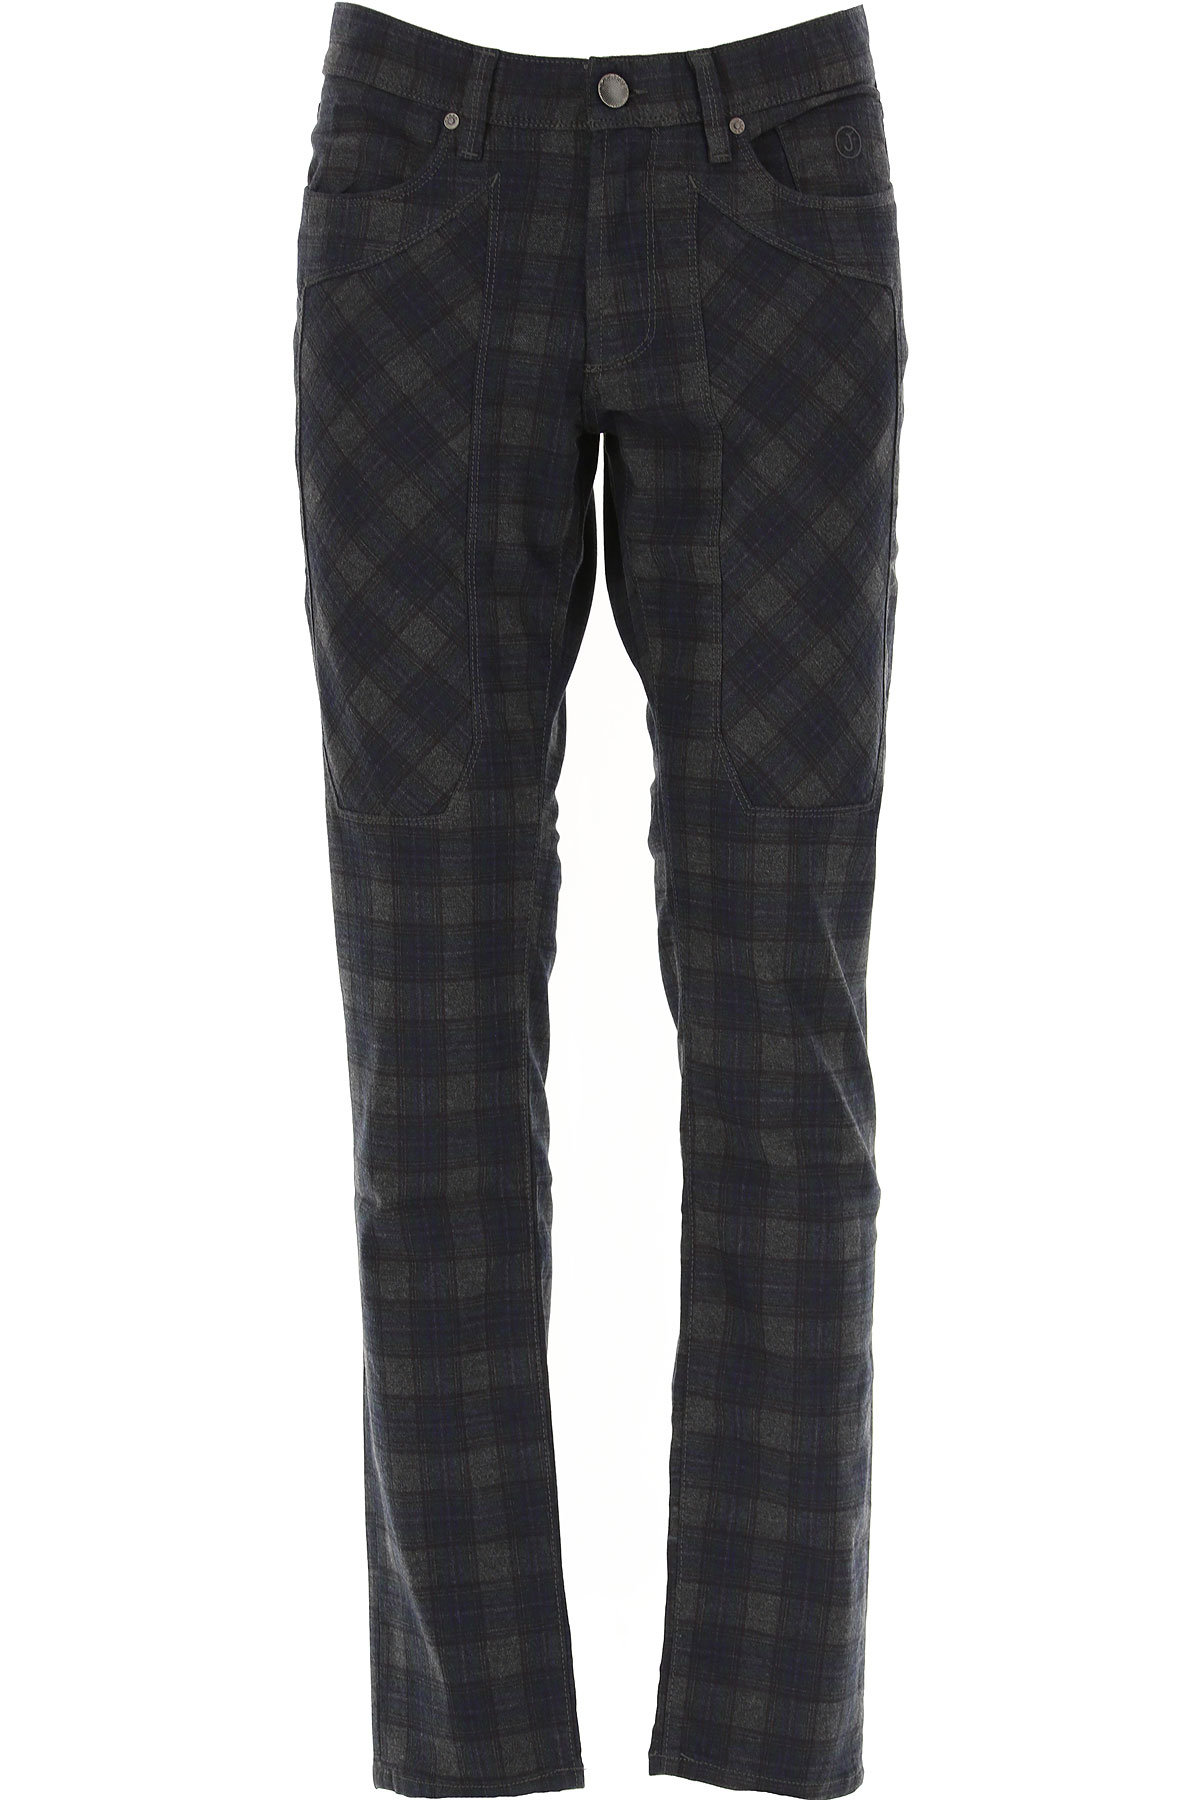 Jeckerson Pants for Men On Sale, Ink Blue, Cotton, 2019, 30 31 32 33 35 36 38